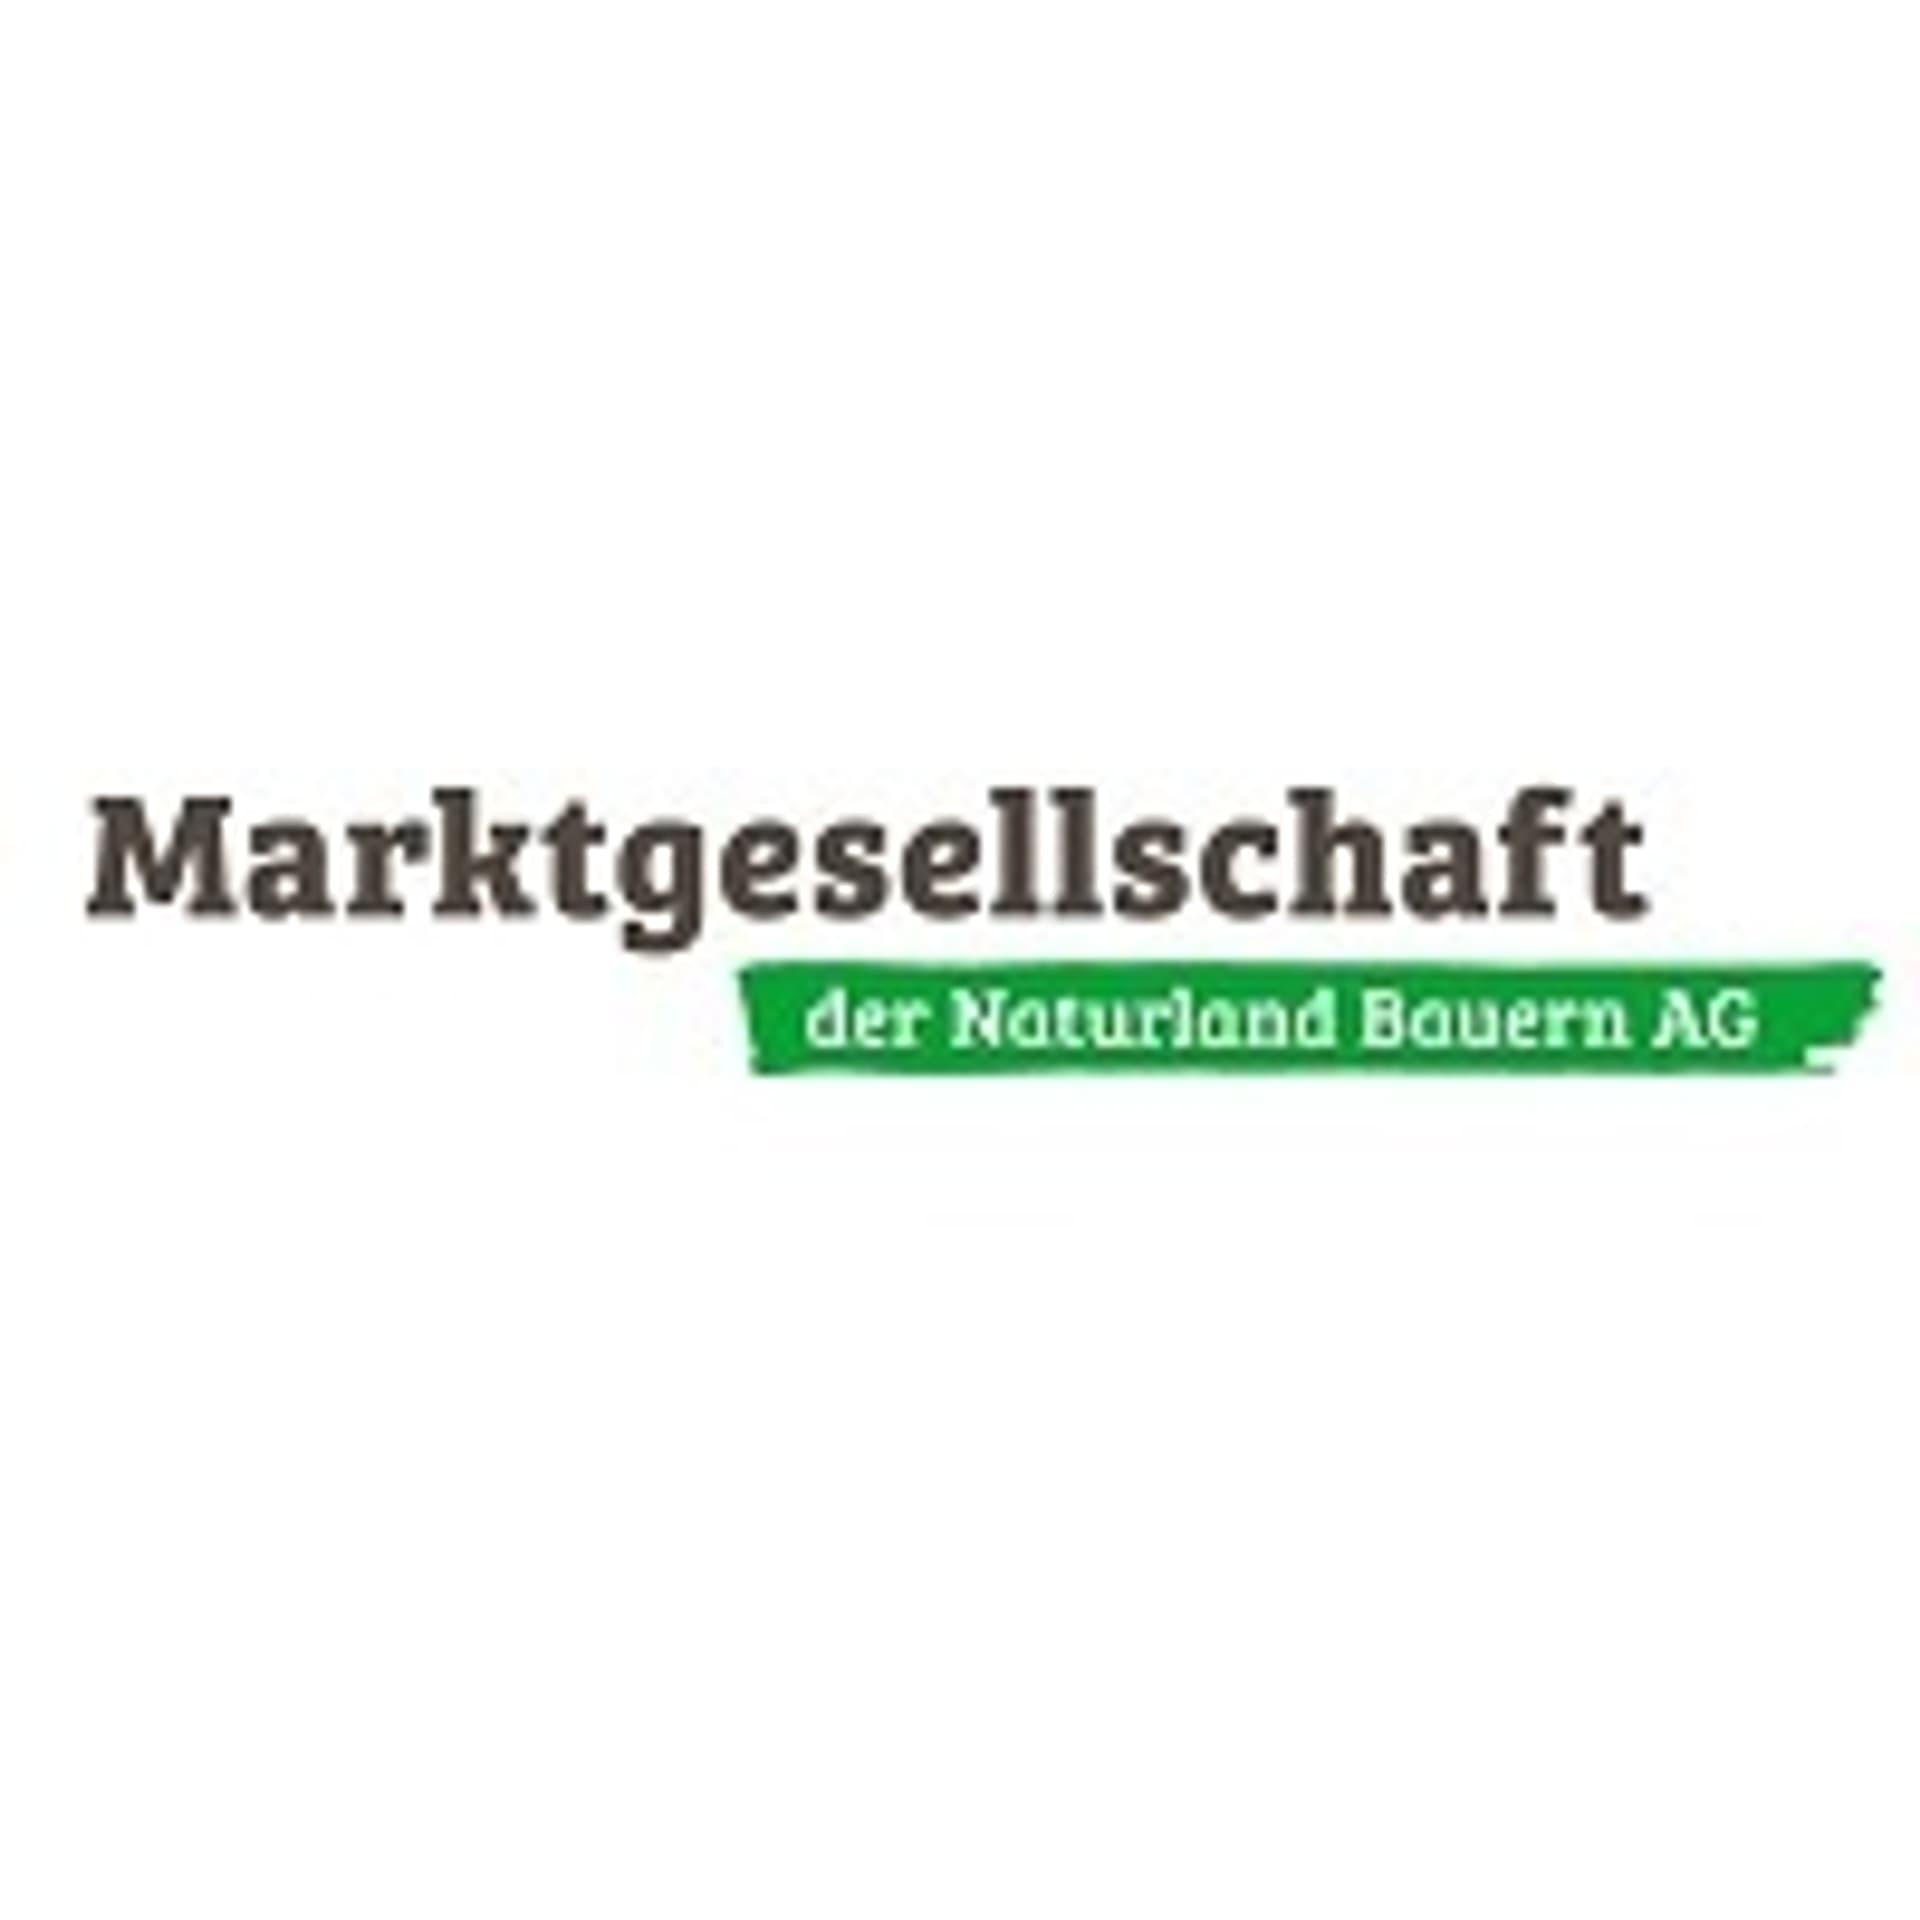 Naturland Marktgesellschaft der Naturland Bauern AG c Marktgesellschaft der Naturland Bauern AG 2